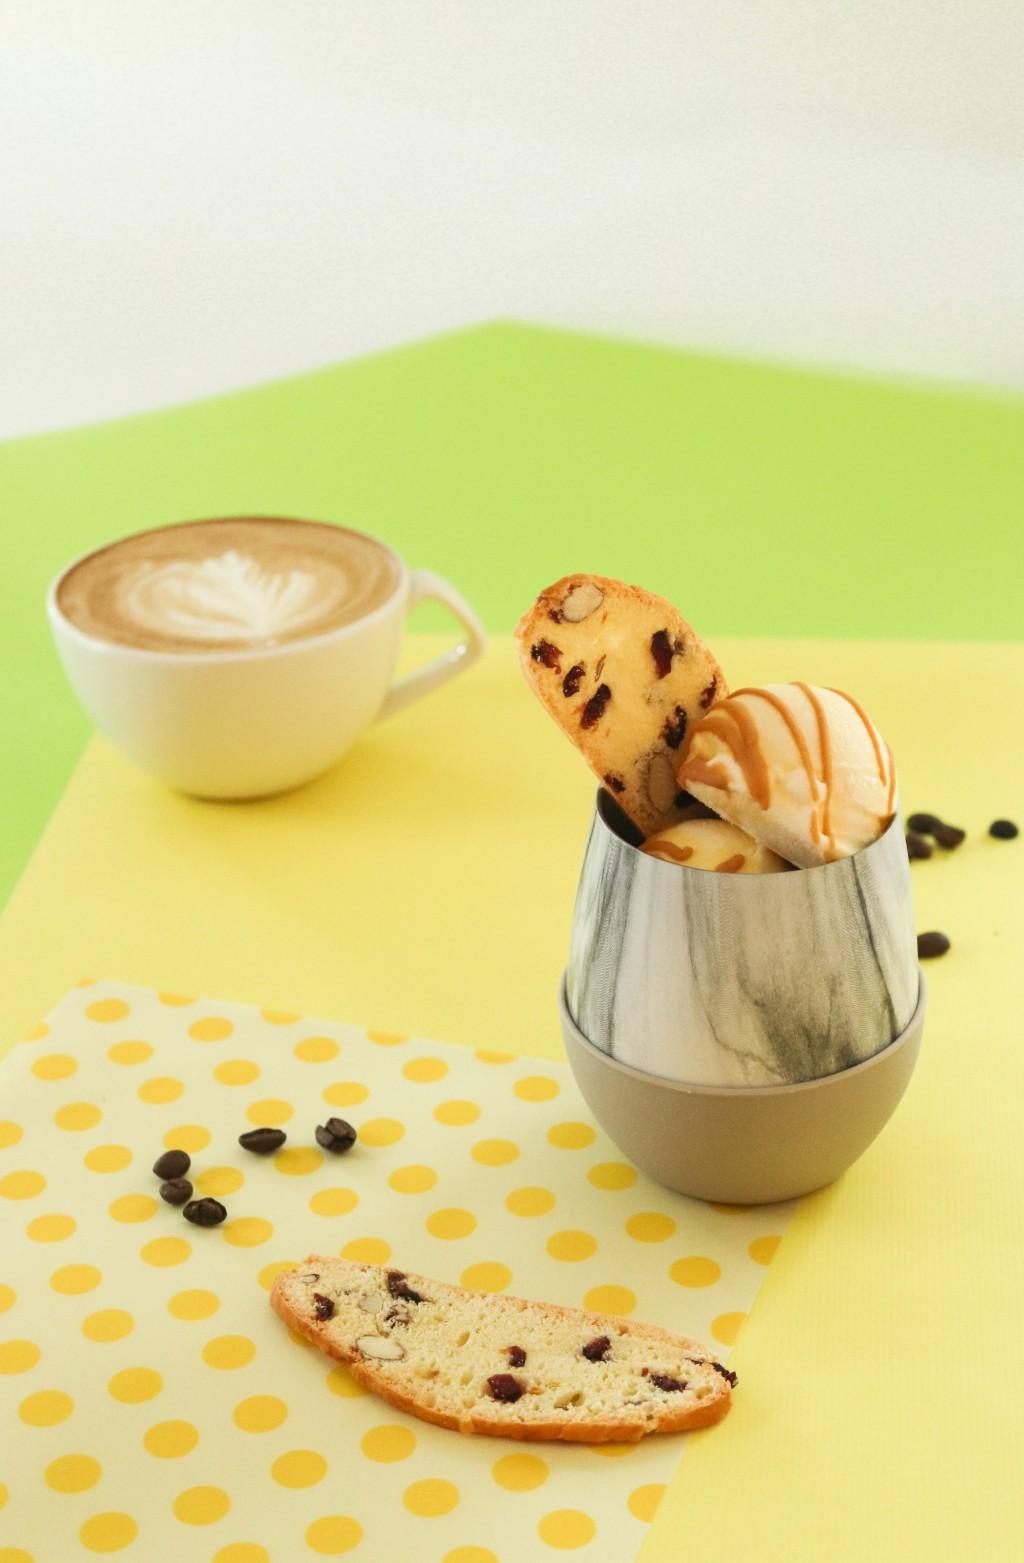 全新推出的下午茶甜點「Port23阿法奇朵」口感甜苦交錯展現成熟大人的好滋味。周年慶期間下午茶套餐四人同行一人免費 (富邦旅管提供)